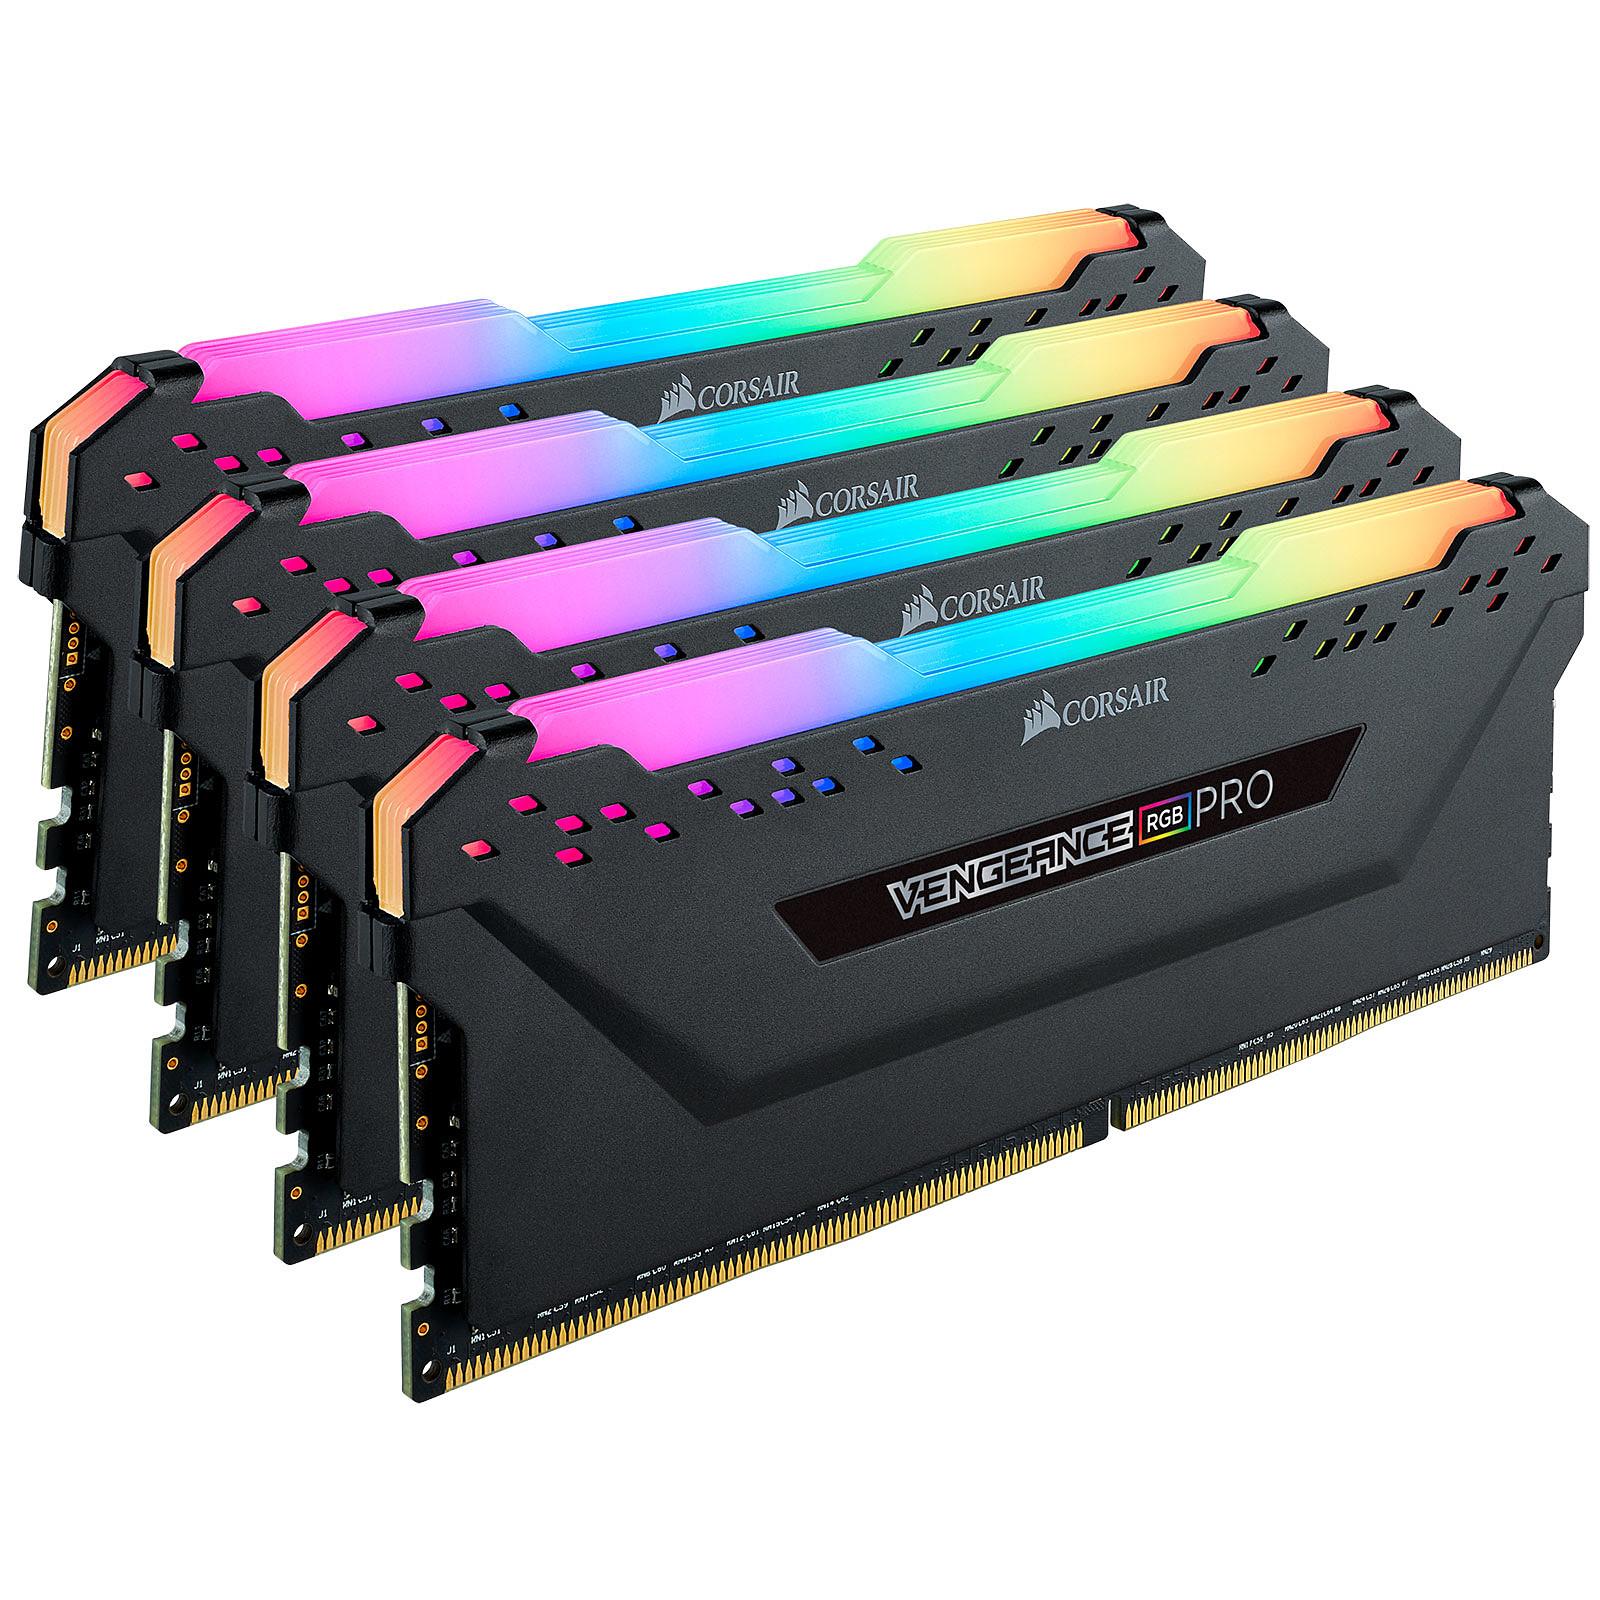 Corsair Vengeance RGB PRO Series 32 Go (4x 8 Go) DDR4 3466 MHz CL16